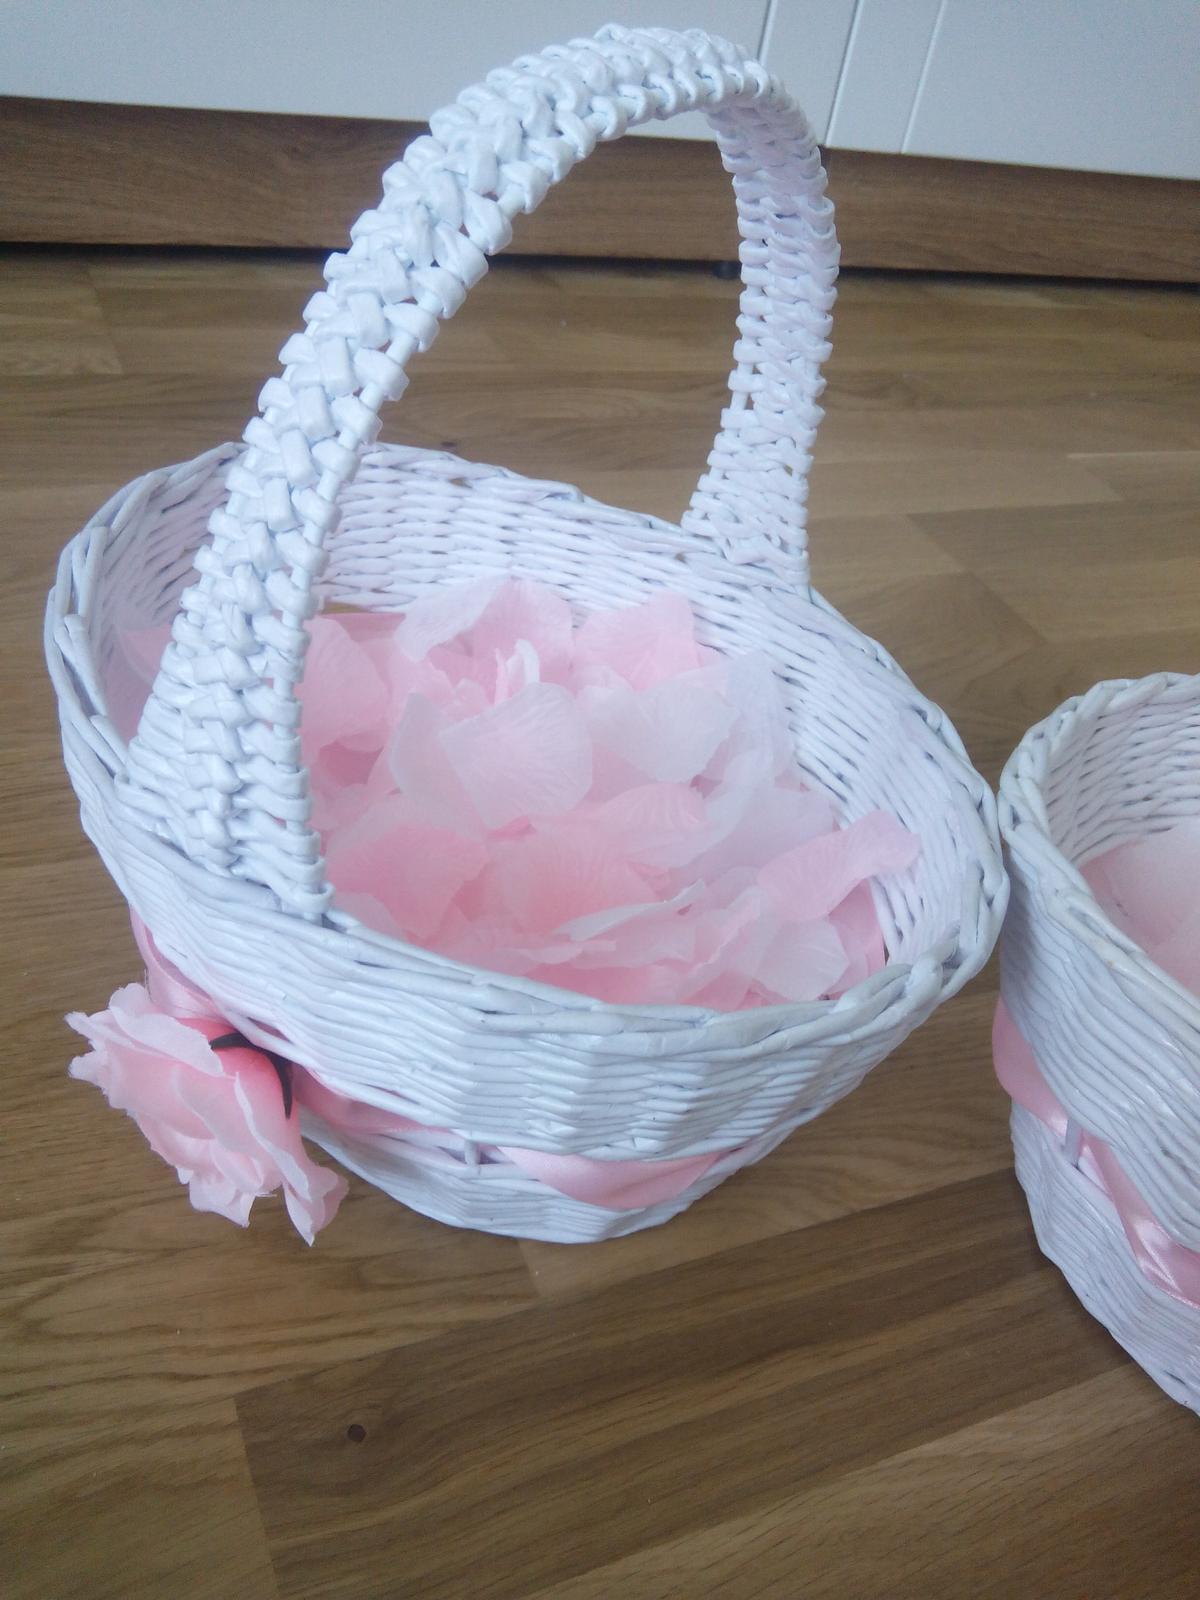 Košíček s ružovými a bielymi lupienkami - Obrázok č. 2